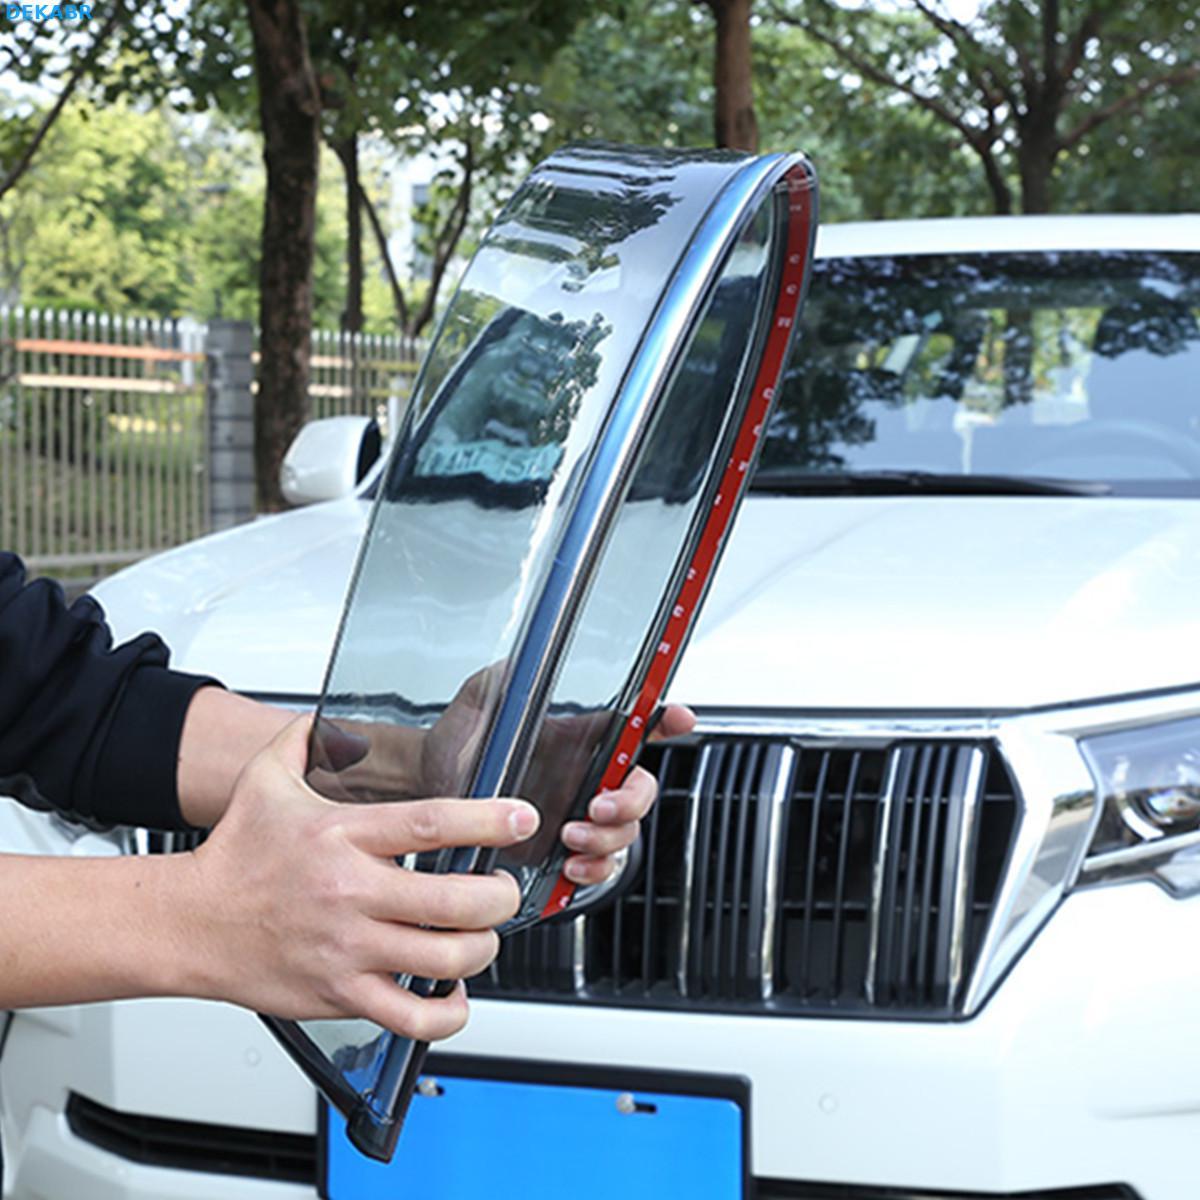 4 шт./компл. автомобильный экран для стекла для Toyota Prado 150 укрытие от дождя в дождливые дни 2010 2011 2012 2013 2014 2015 2016 2017 2018 2019